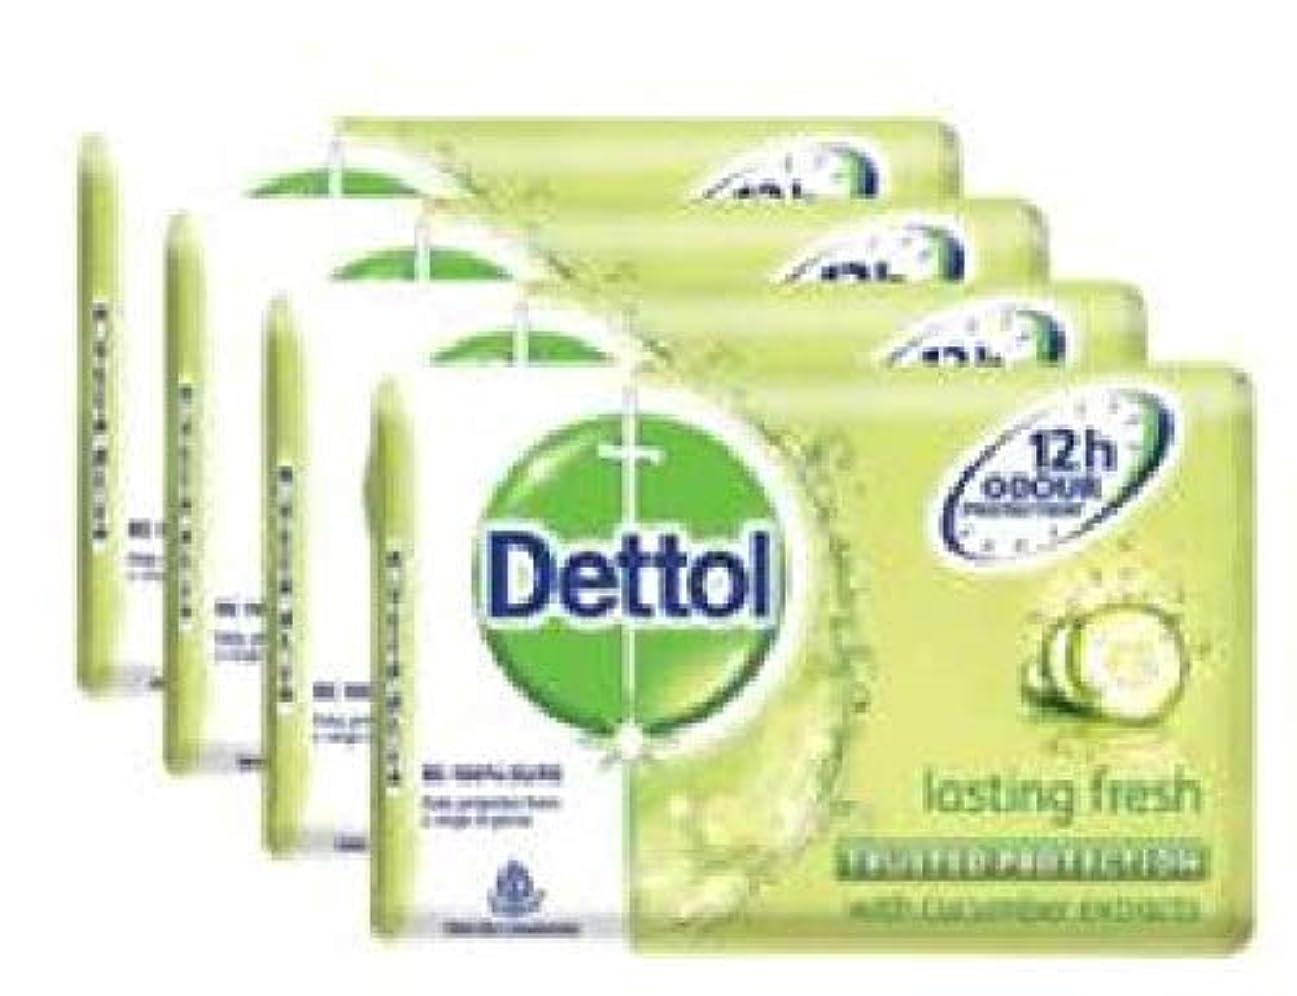 ローマ人人形姉妹Dettol 新鮮4x105g-を持続固形石鹸は、あなたが自由生殖続け、石鹸は肌にもとても優しいです